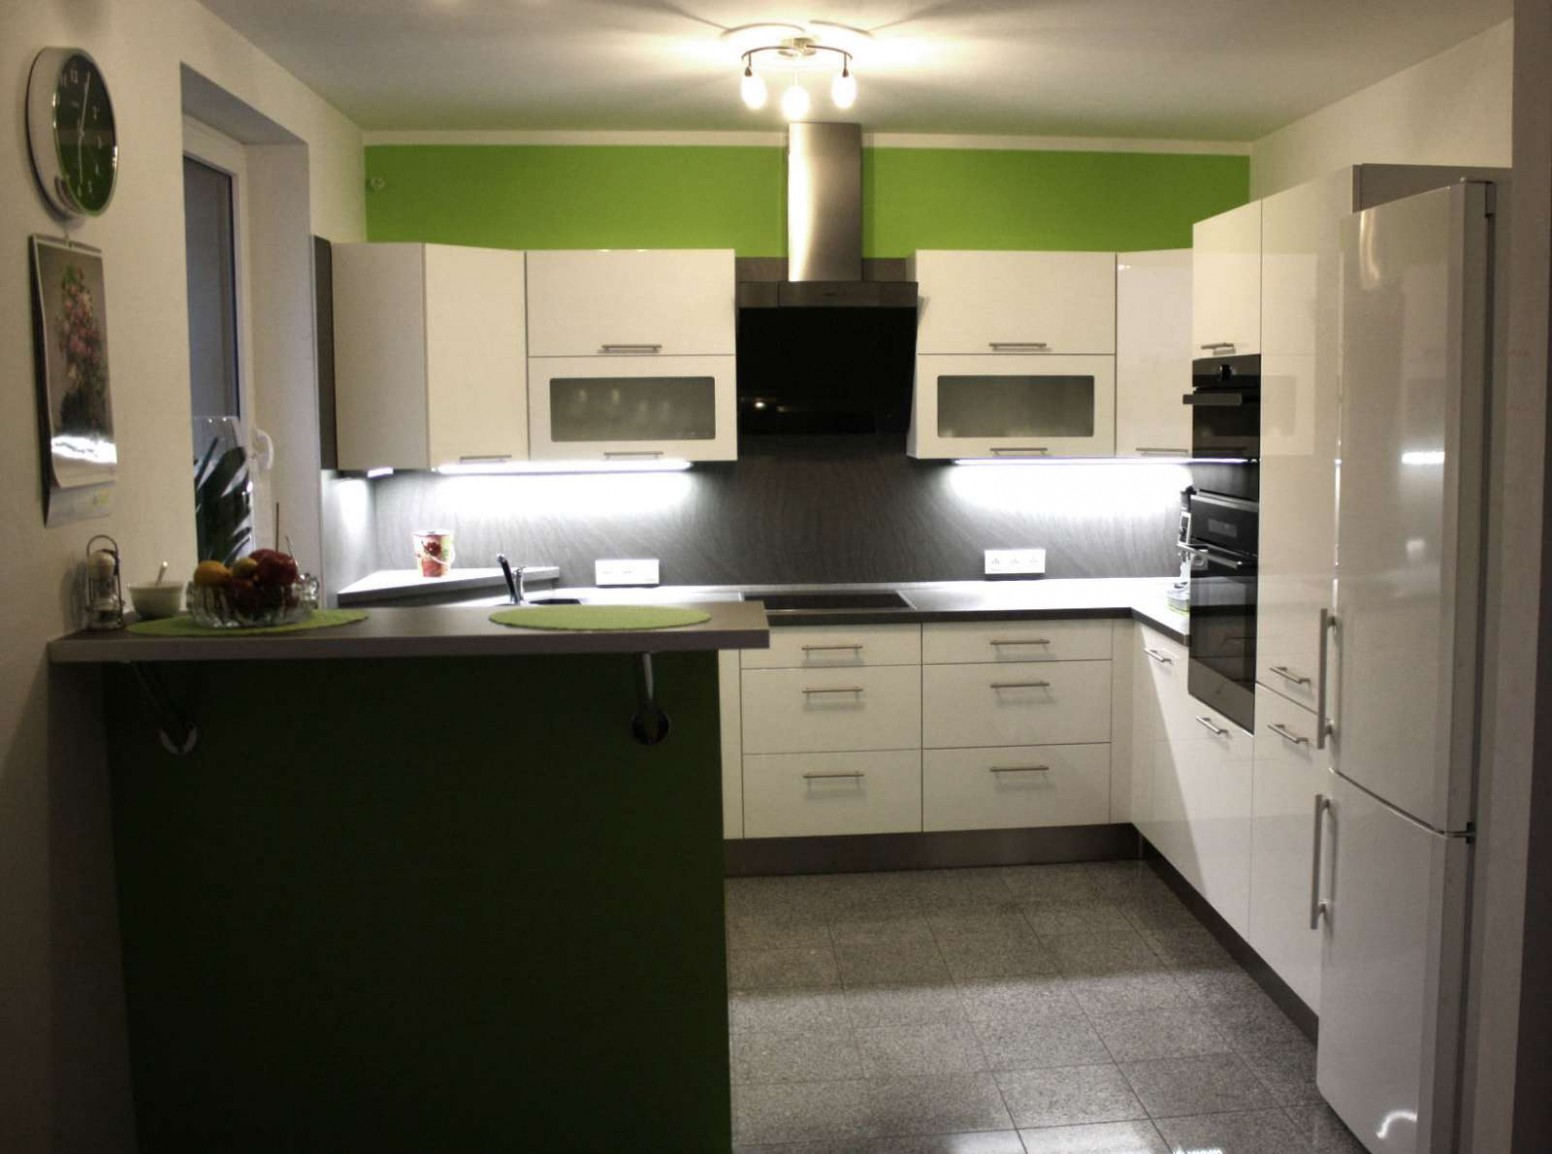 95 Nejvýhodnejší Fotka z Kuchyňská Linka do U